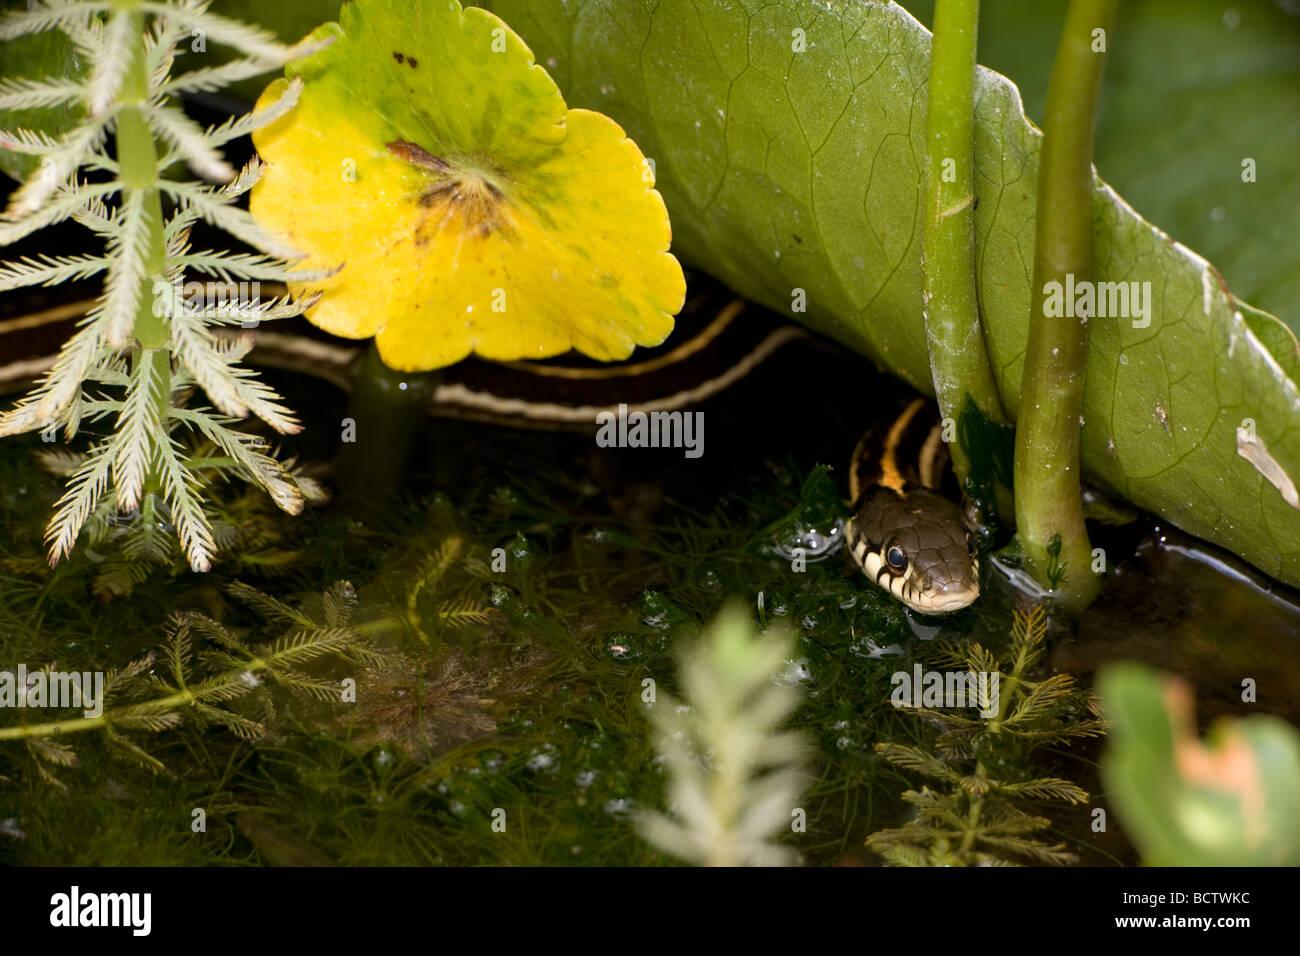 Schwarzhals-Strumpfband-Schlange (Thamnophis Cyrtopsis) Az - USA - semi-aquatisch-im Teich mit Seerosen Stockfoto